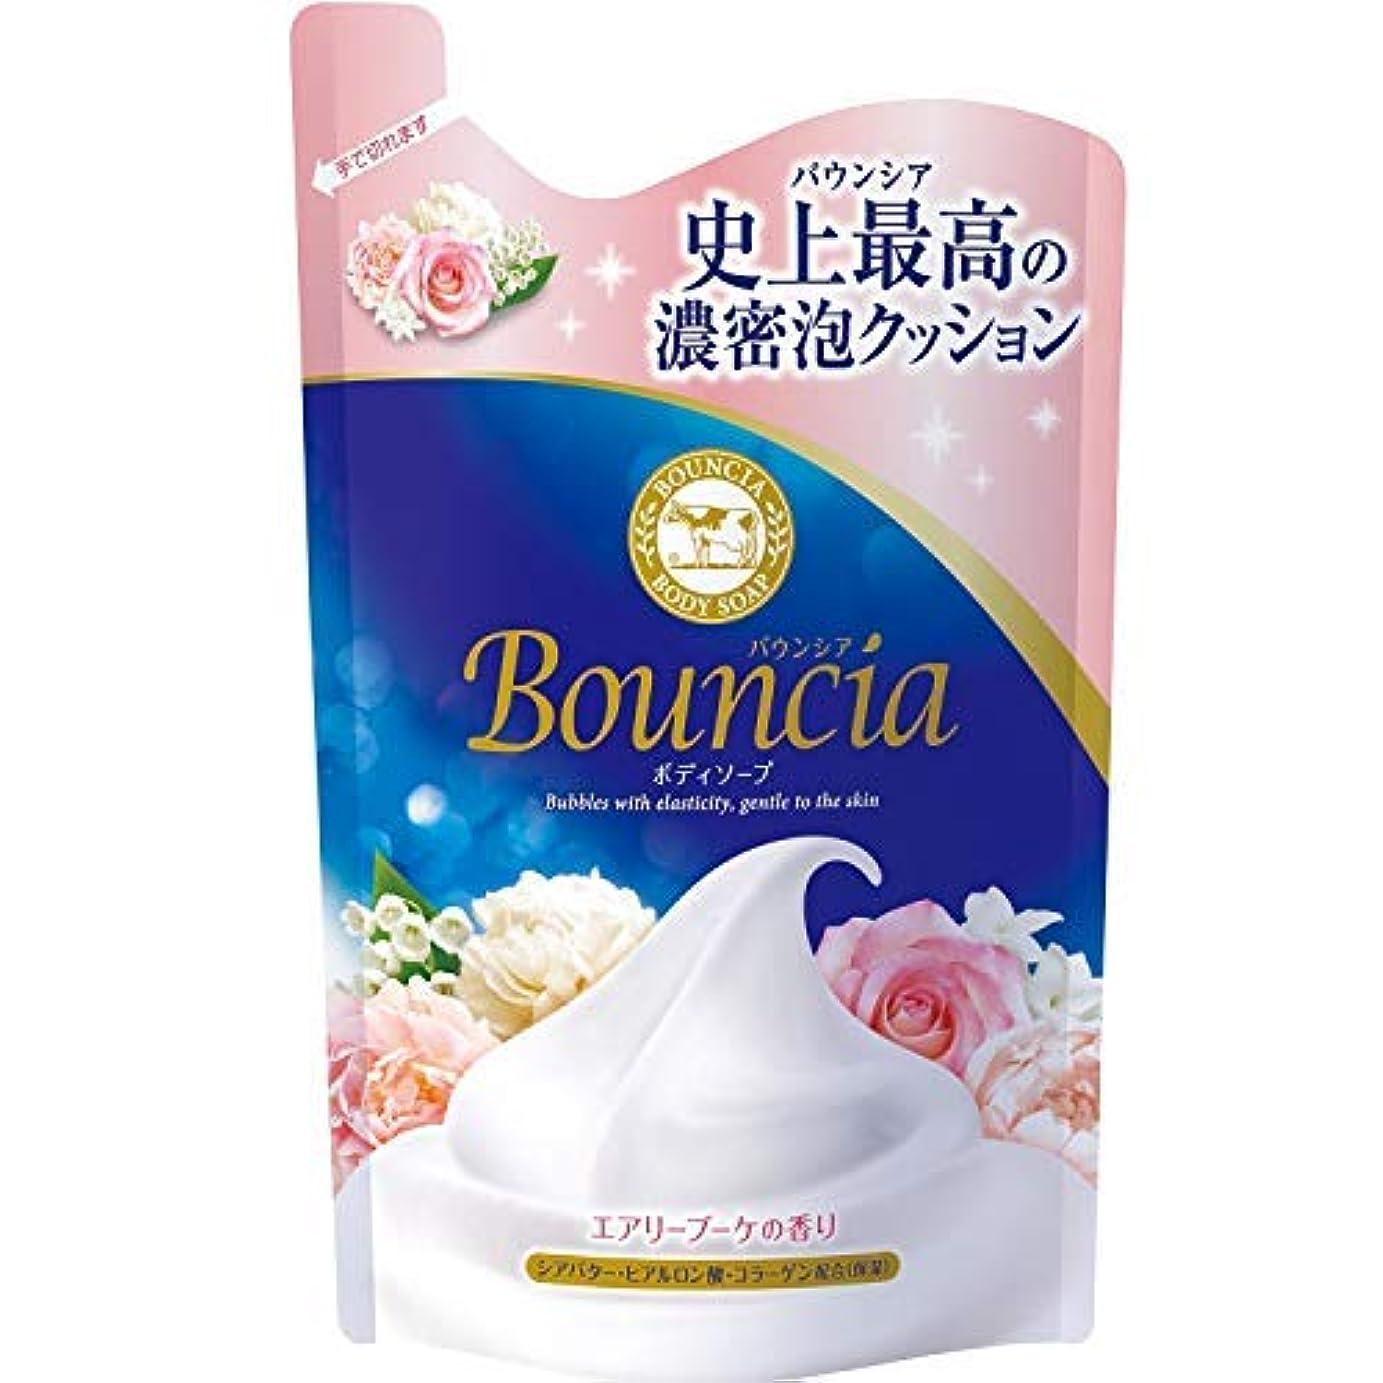 反抗サンプルこしょうバウンシアボディソープ エアリーブーケの香り 詰替用?400mL × 3個セット